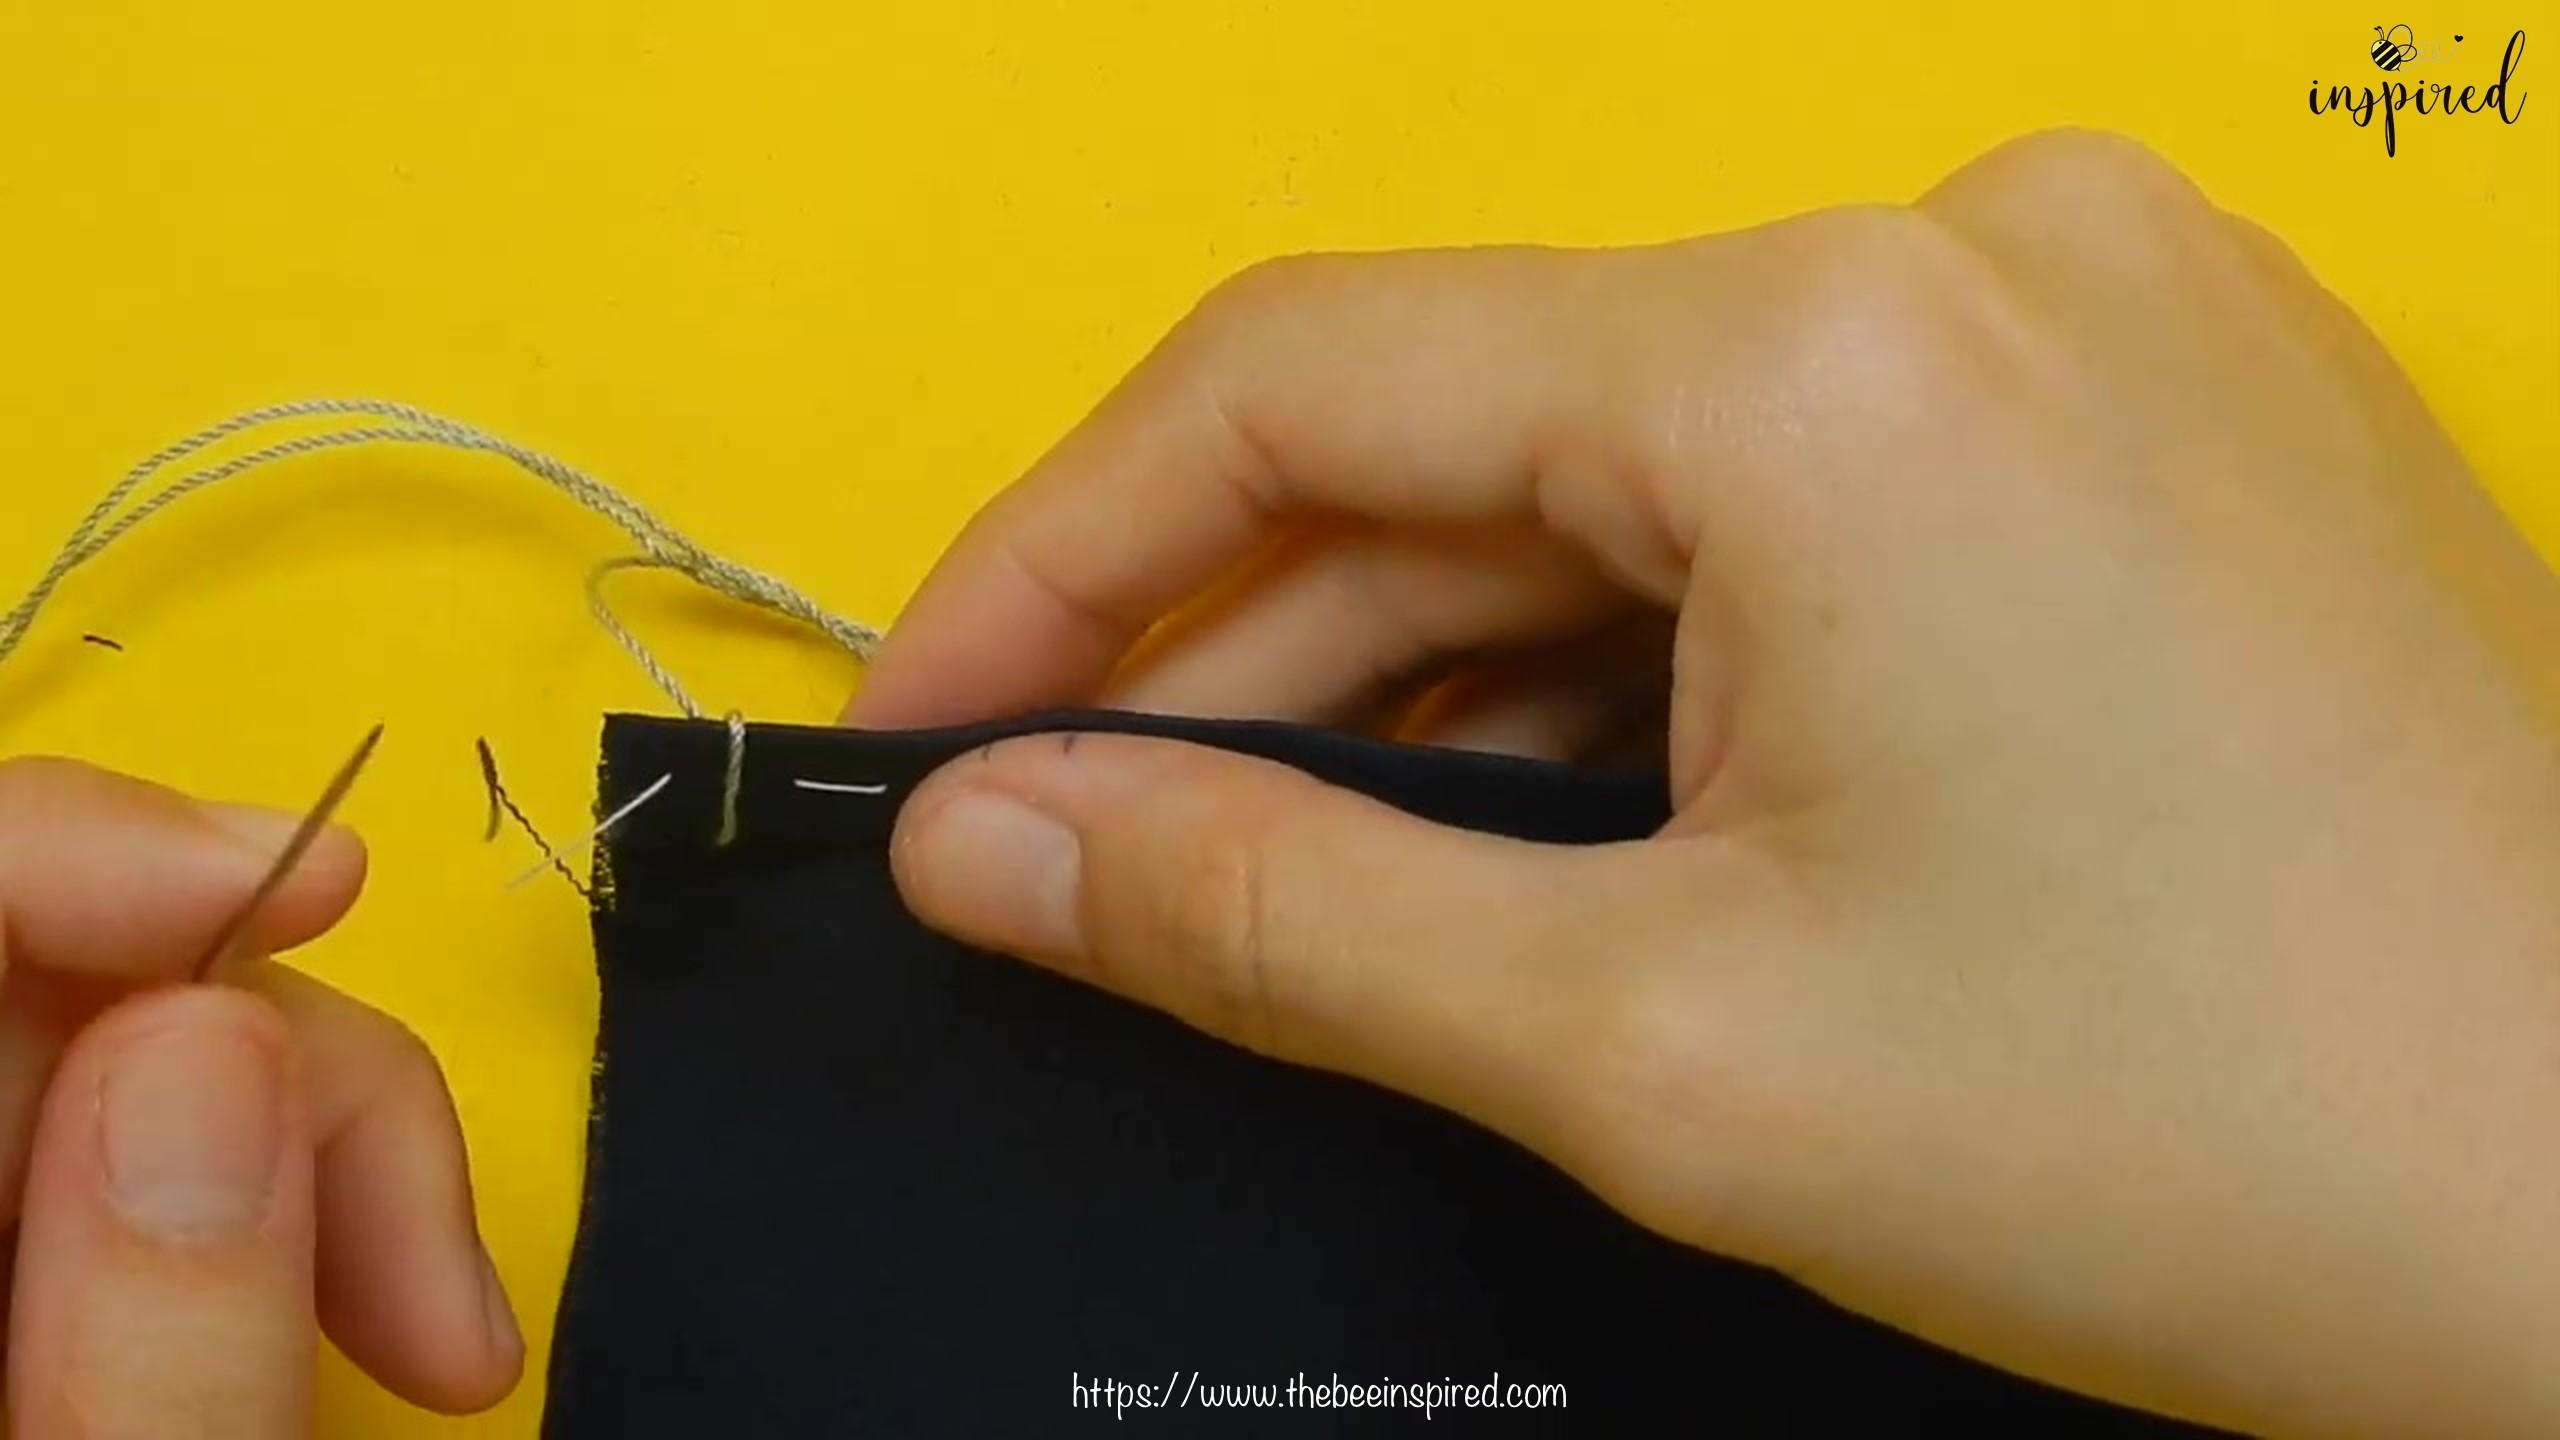 วิธีการเย็บลายปักริมผ้าห่ม (How to Sew a Blanket Stitch) _ วิธีเย็บเก็บริมผ้าโดยไม่ใช้จักรโพ้ง_20